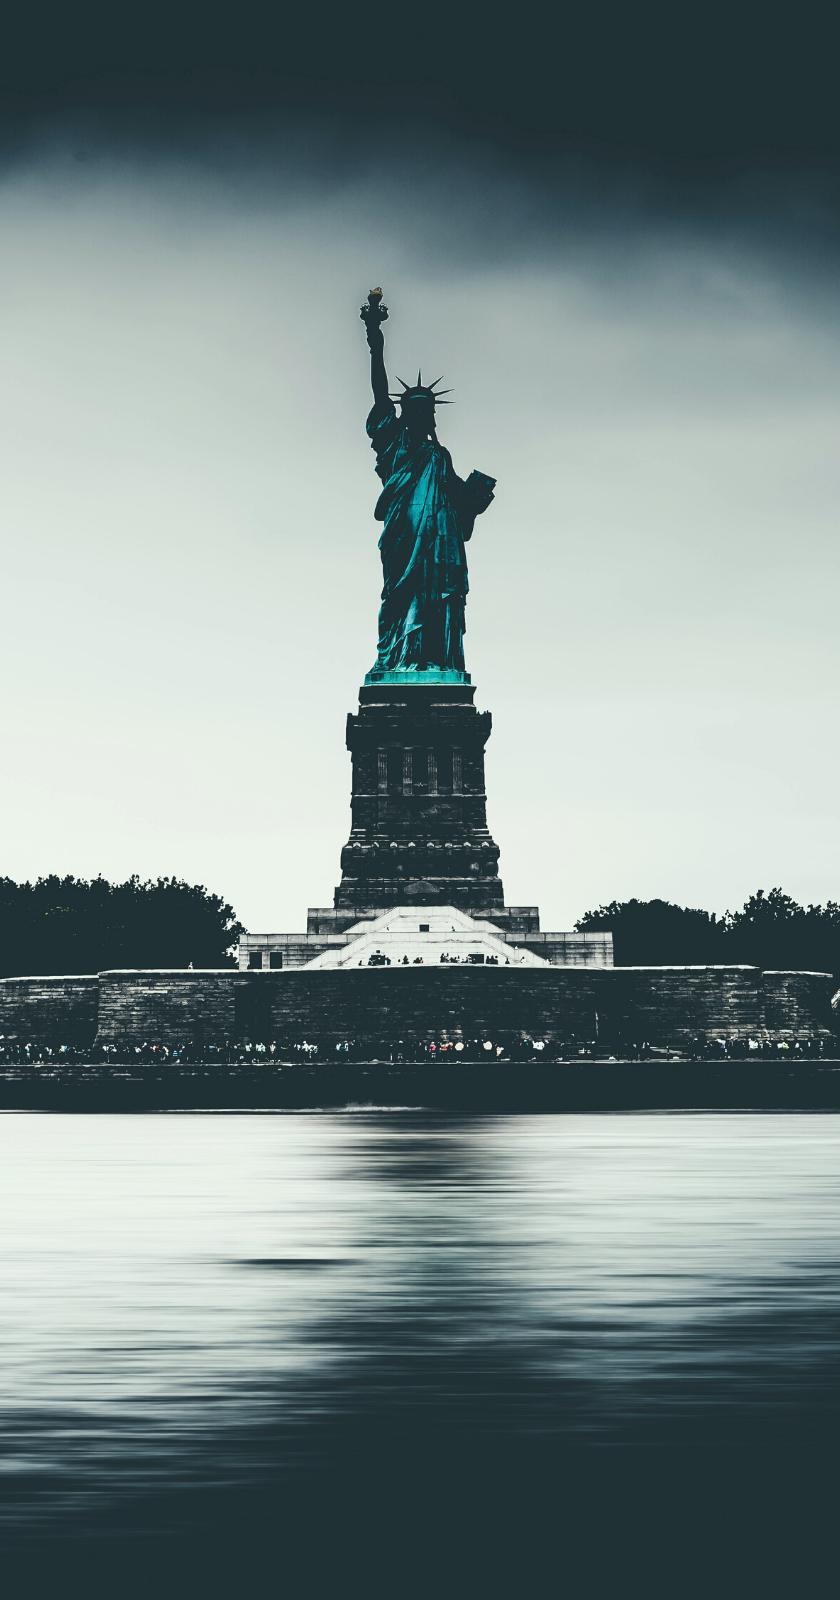 Hình nền tượng nữ thần tự do cho điệnt thoại